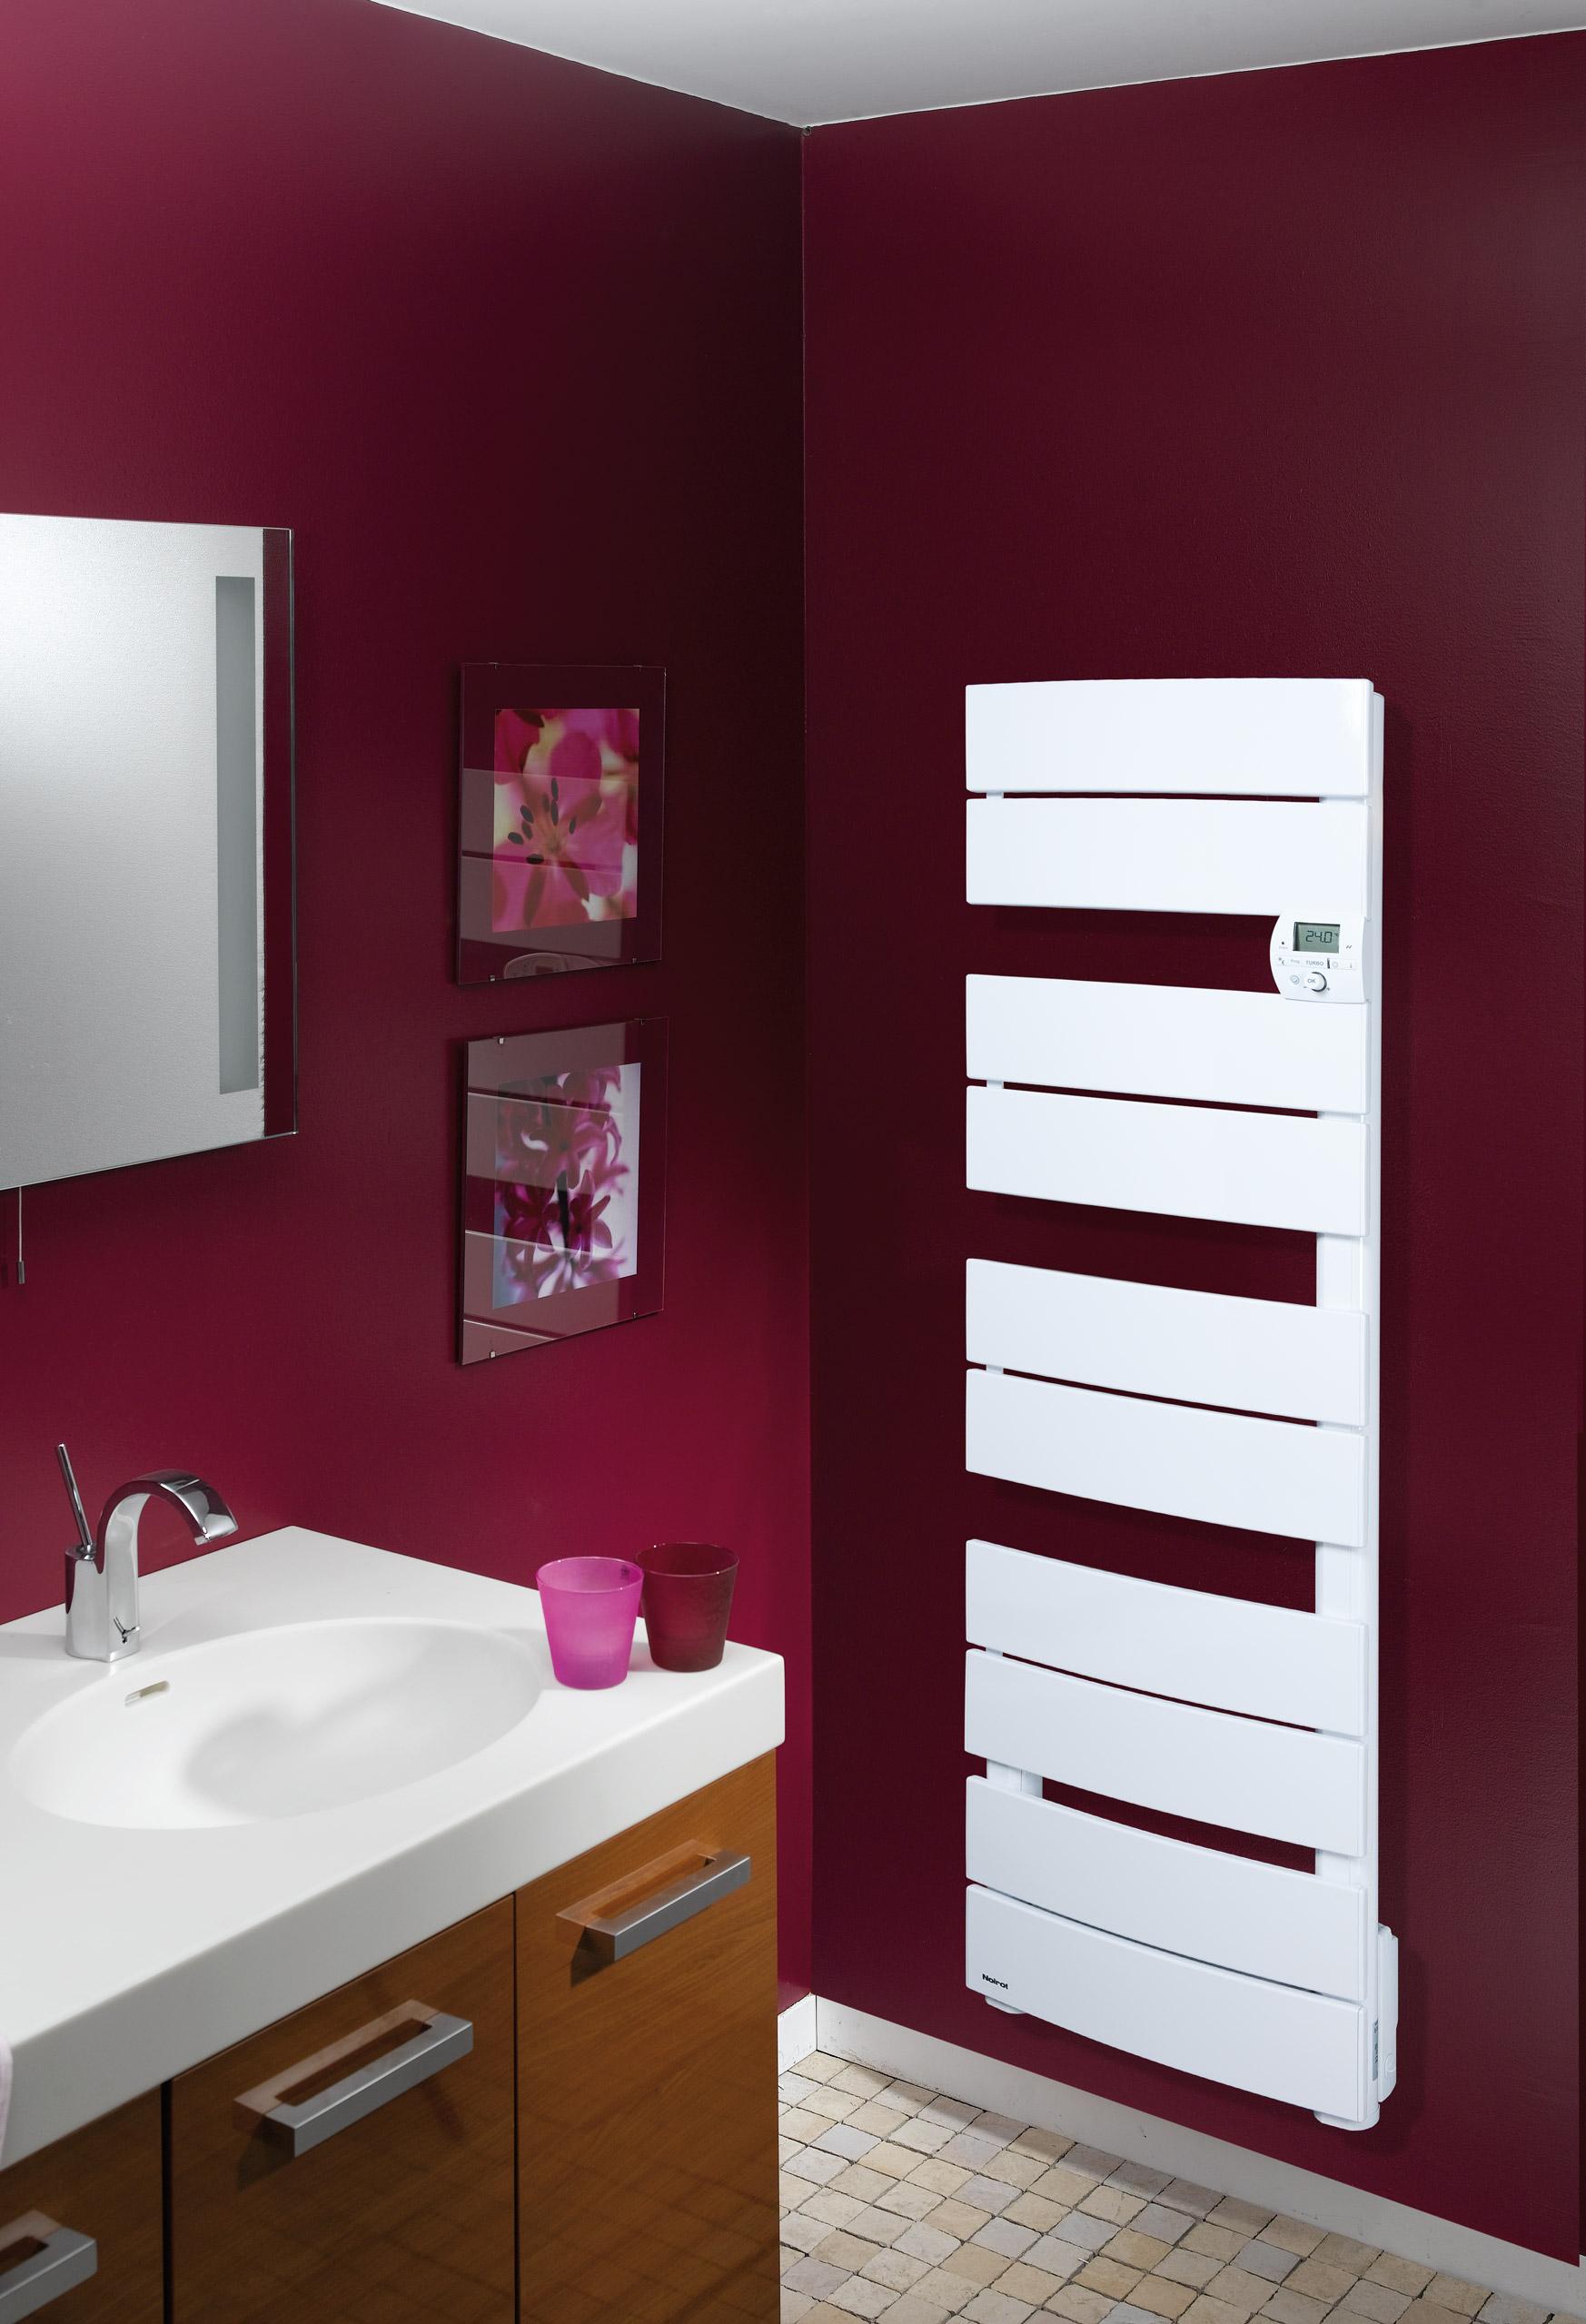 noirot radiateur s che serviettes mono bain 2 largeur. Black Bedroom Furniture Sets. Home Design Ideas